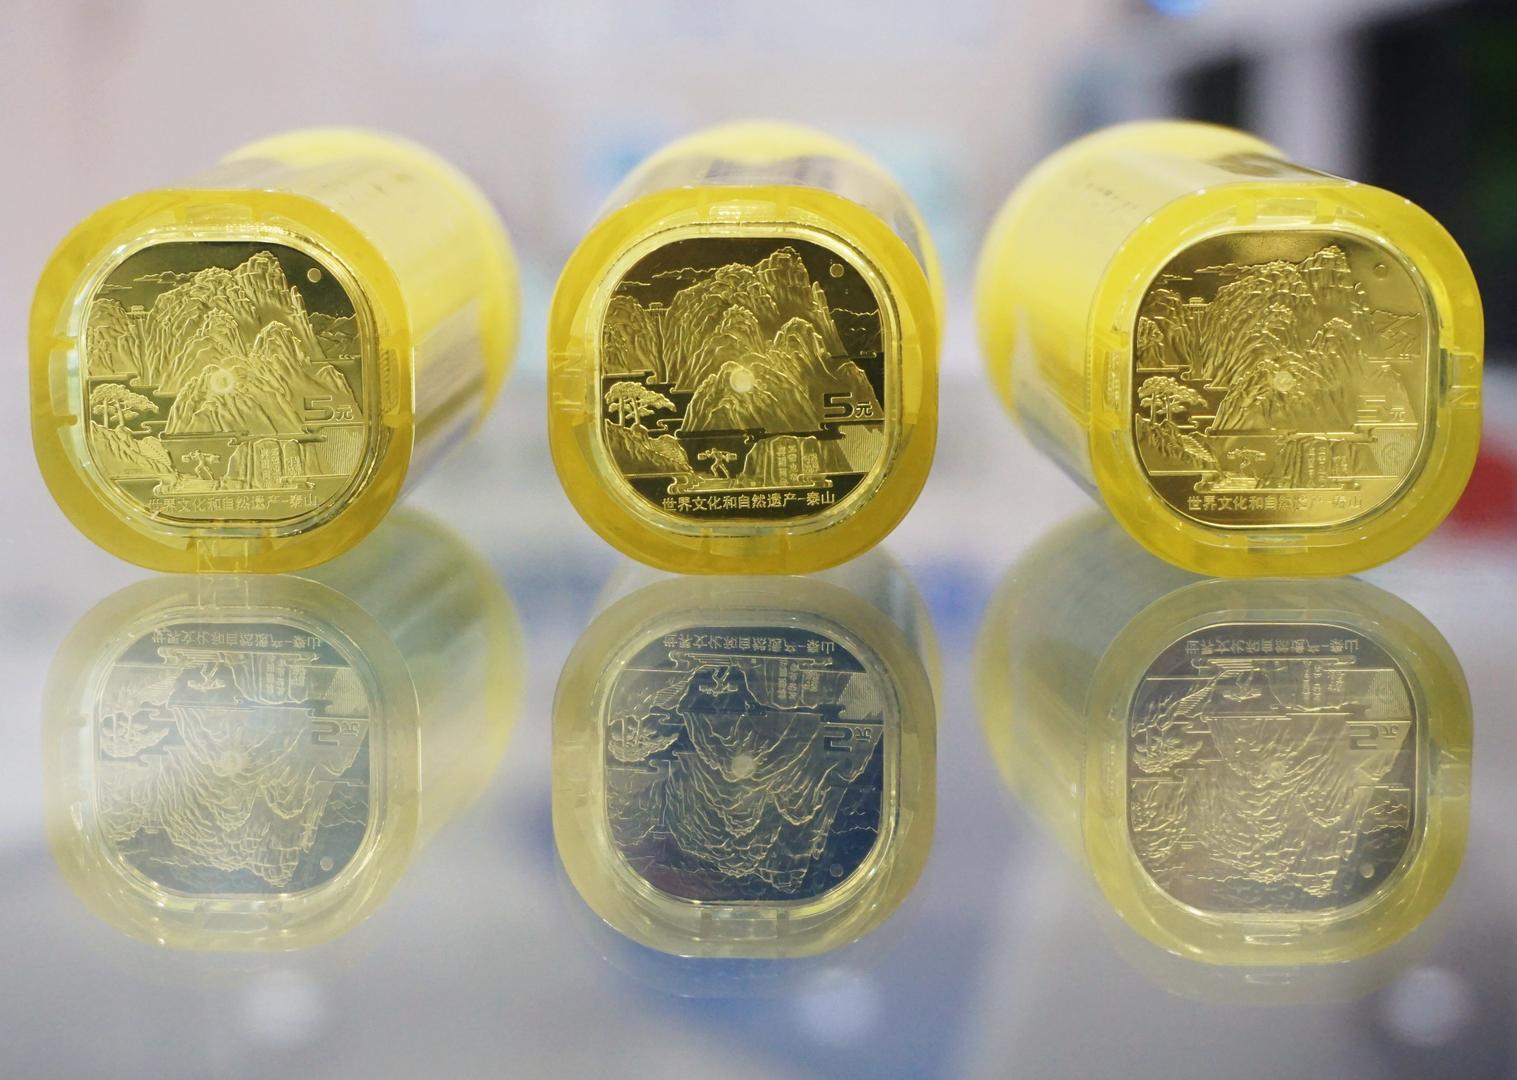 新开传奇世界私服网泰山币今日开始兑换 有收购